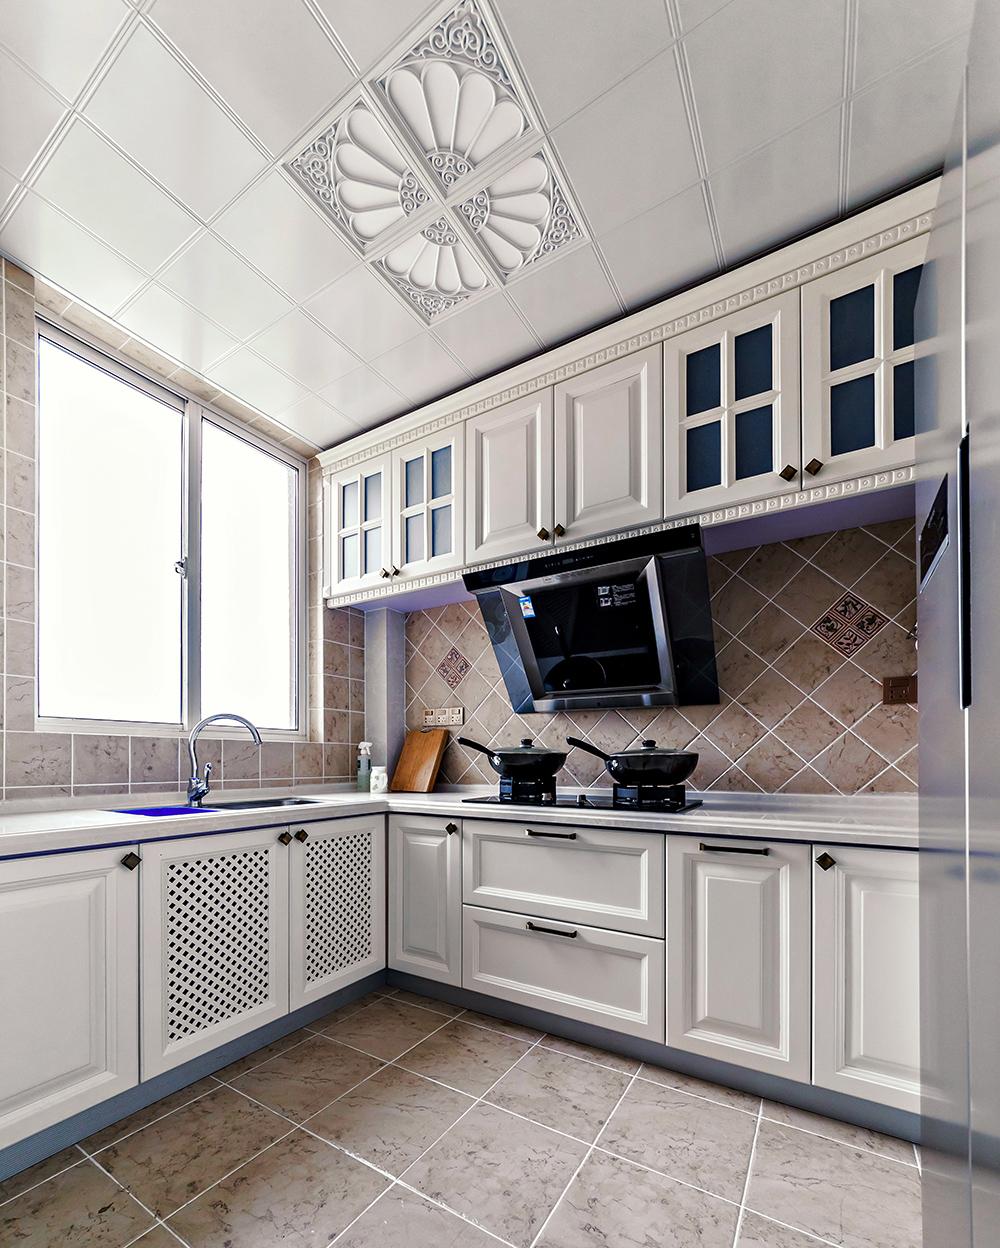 134㎡美式风格厨房装修效果图